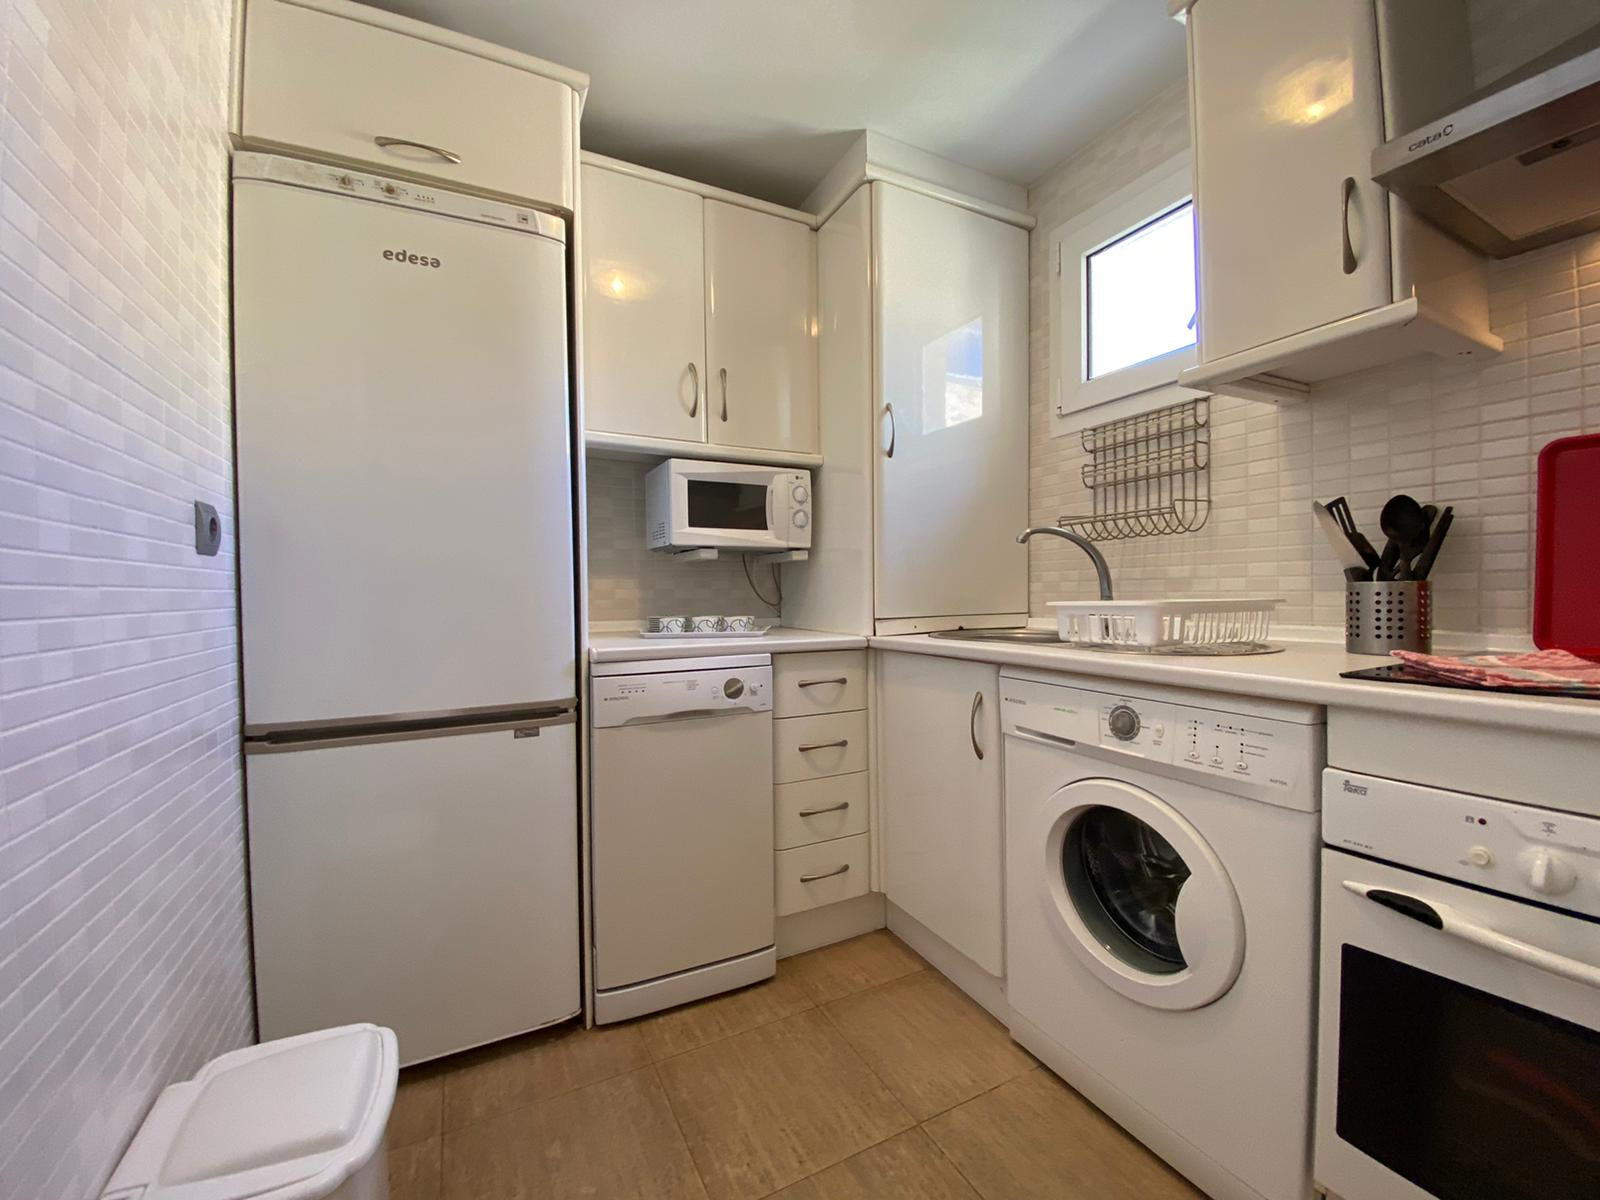 Imagen 29 del Apartamento Turístico, Ático 6 Poniente (3d+2b), Punta del Moral (HUELVA), Paseo de la Cruz nº22